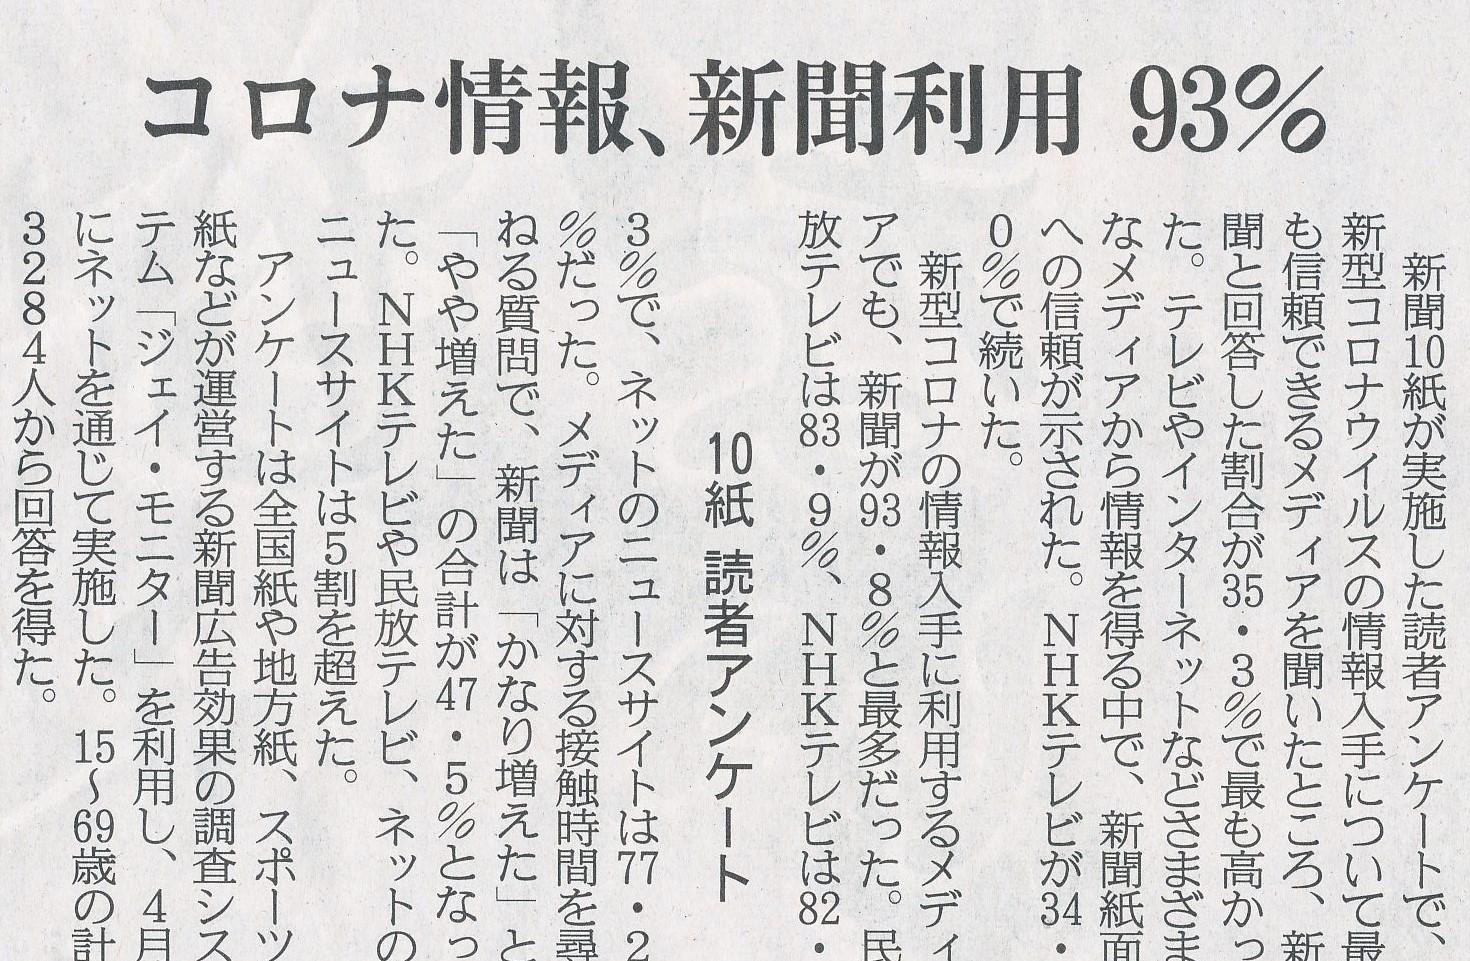 産経 新聞 コロナ